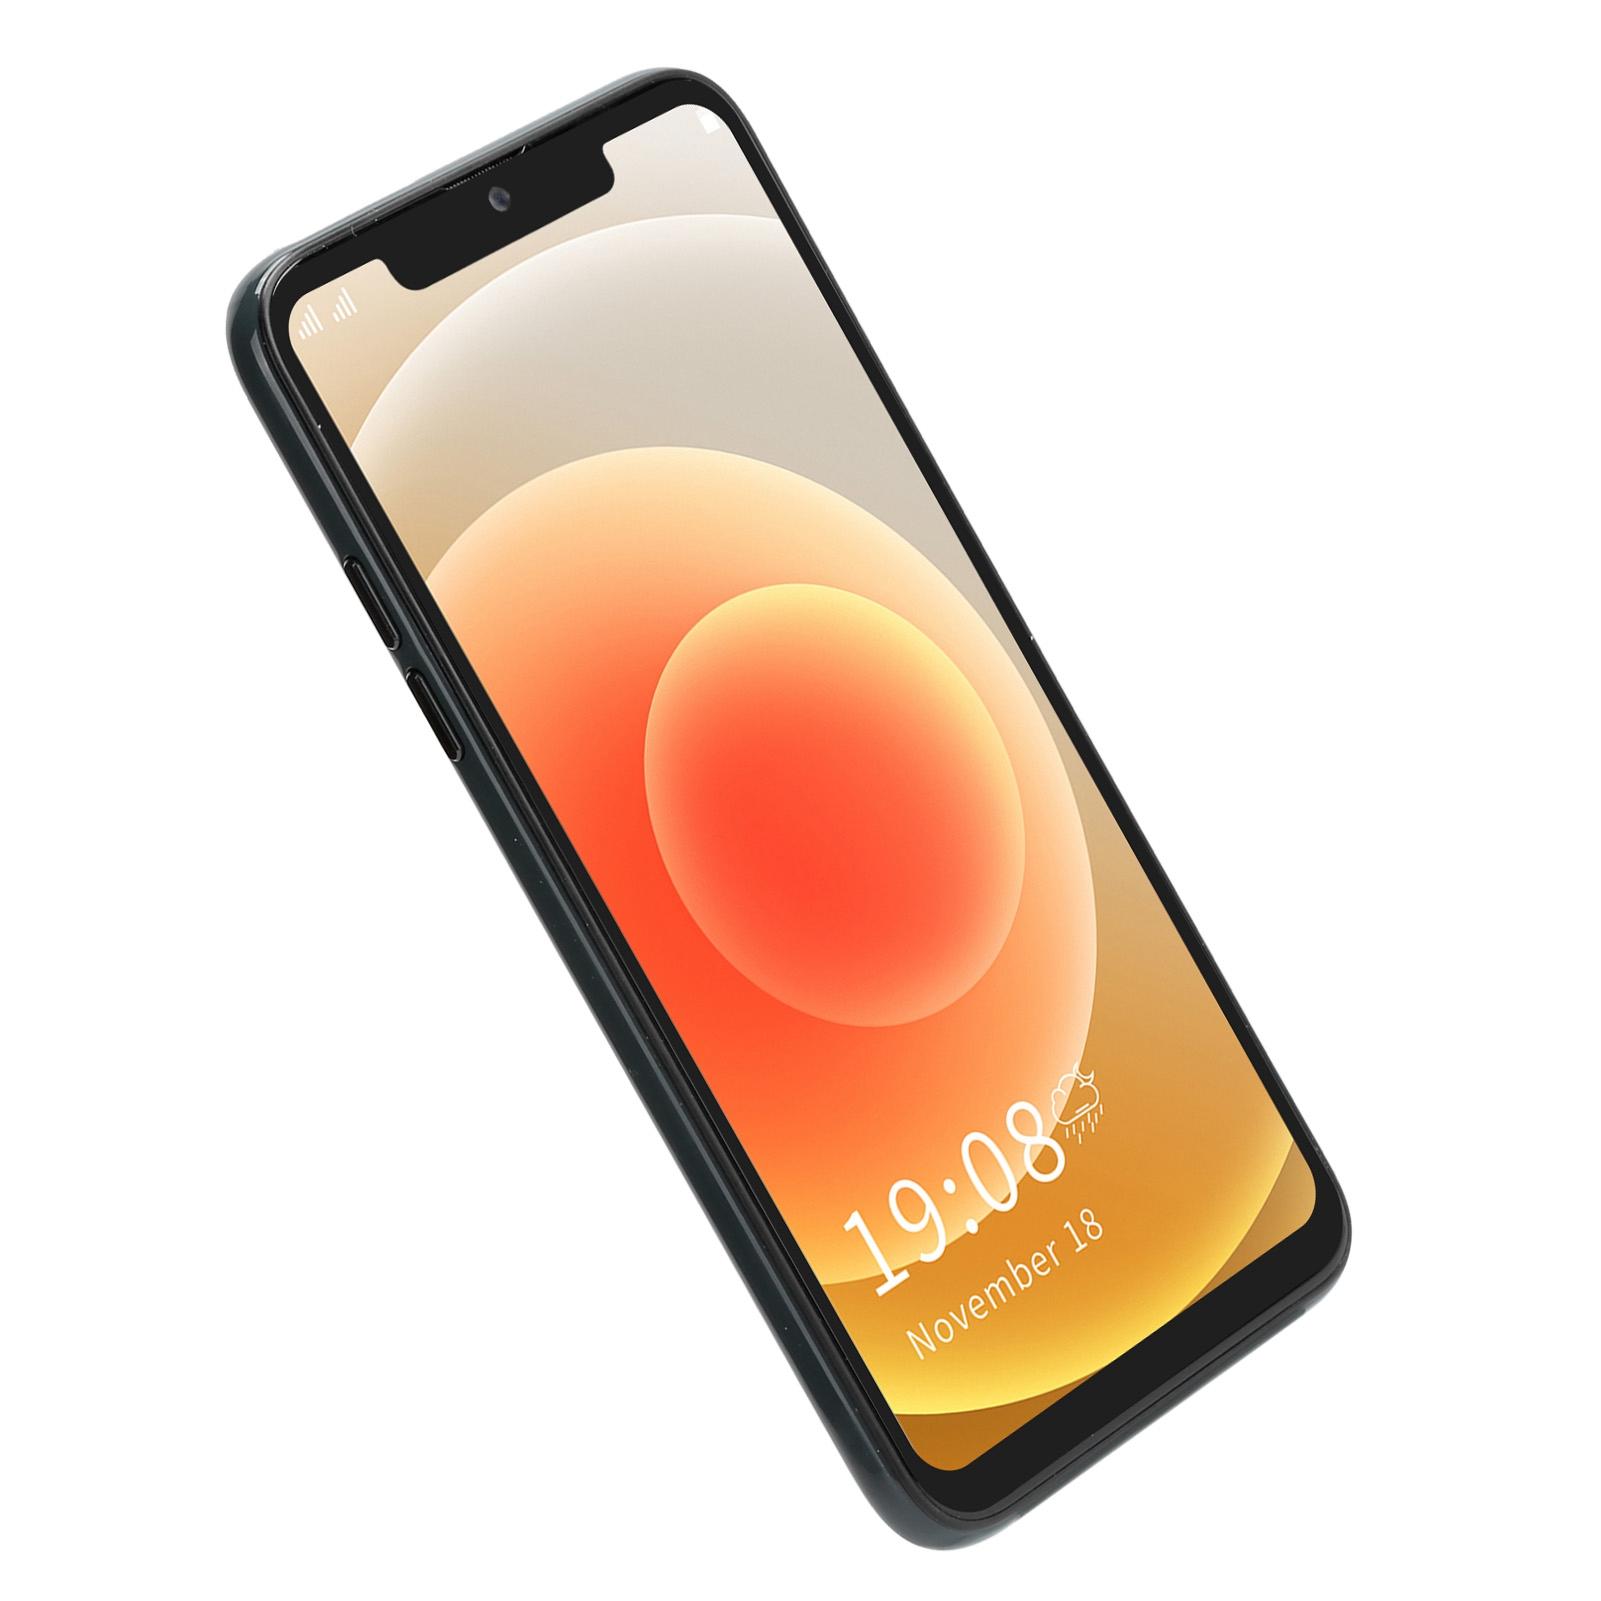 """miniature 32 - 6.5"""" Smartphone 1 Go 16 Go Mobile Phone Dual SIM avant arrière double caméra Android"""